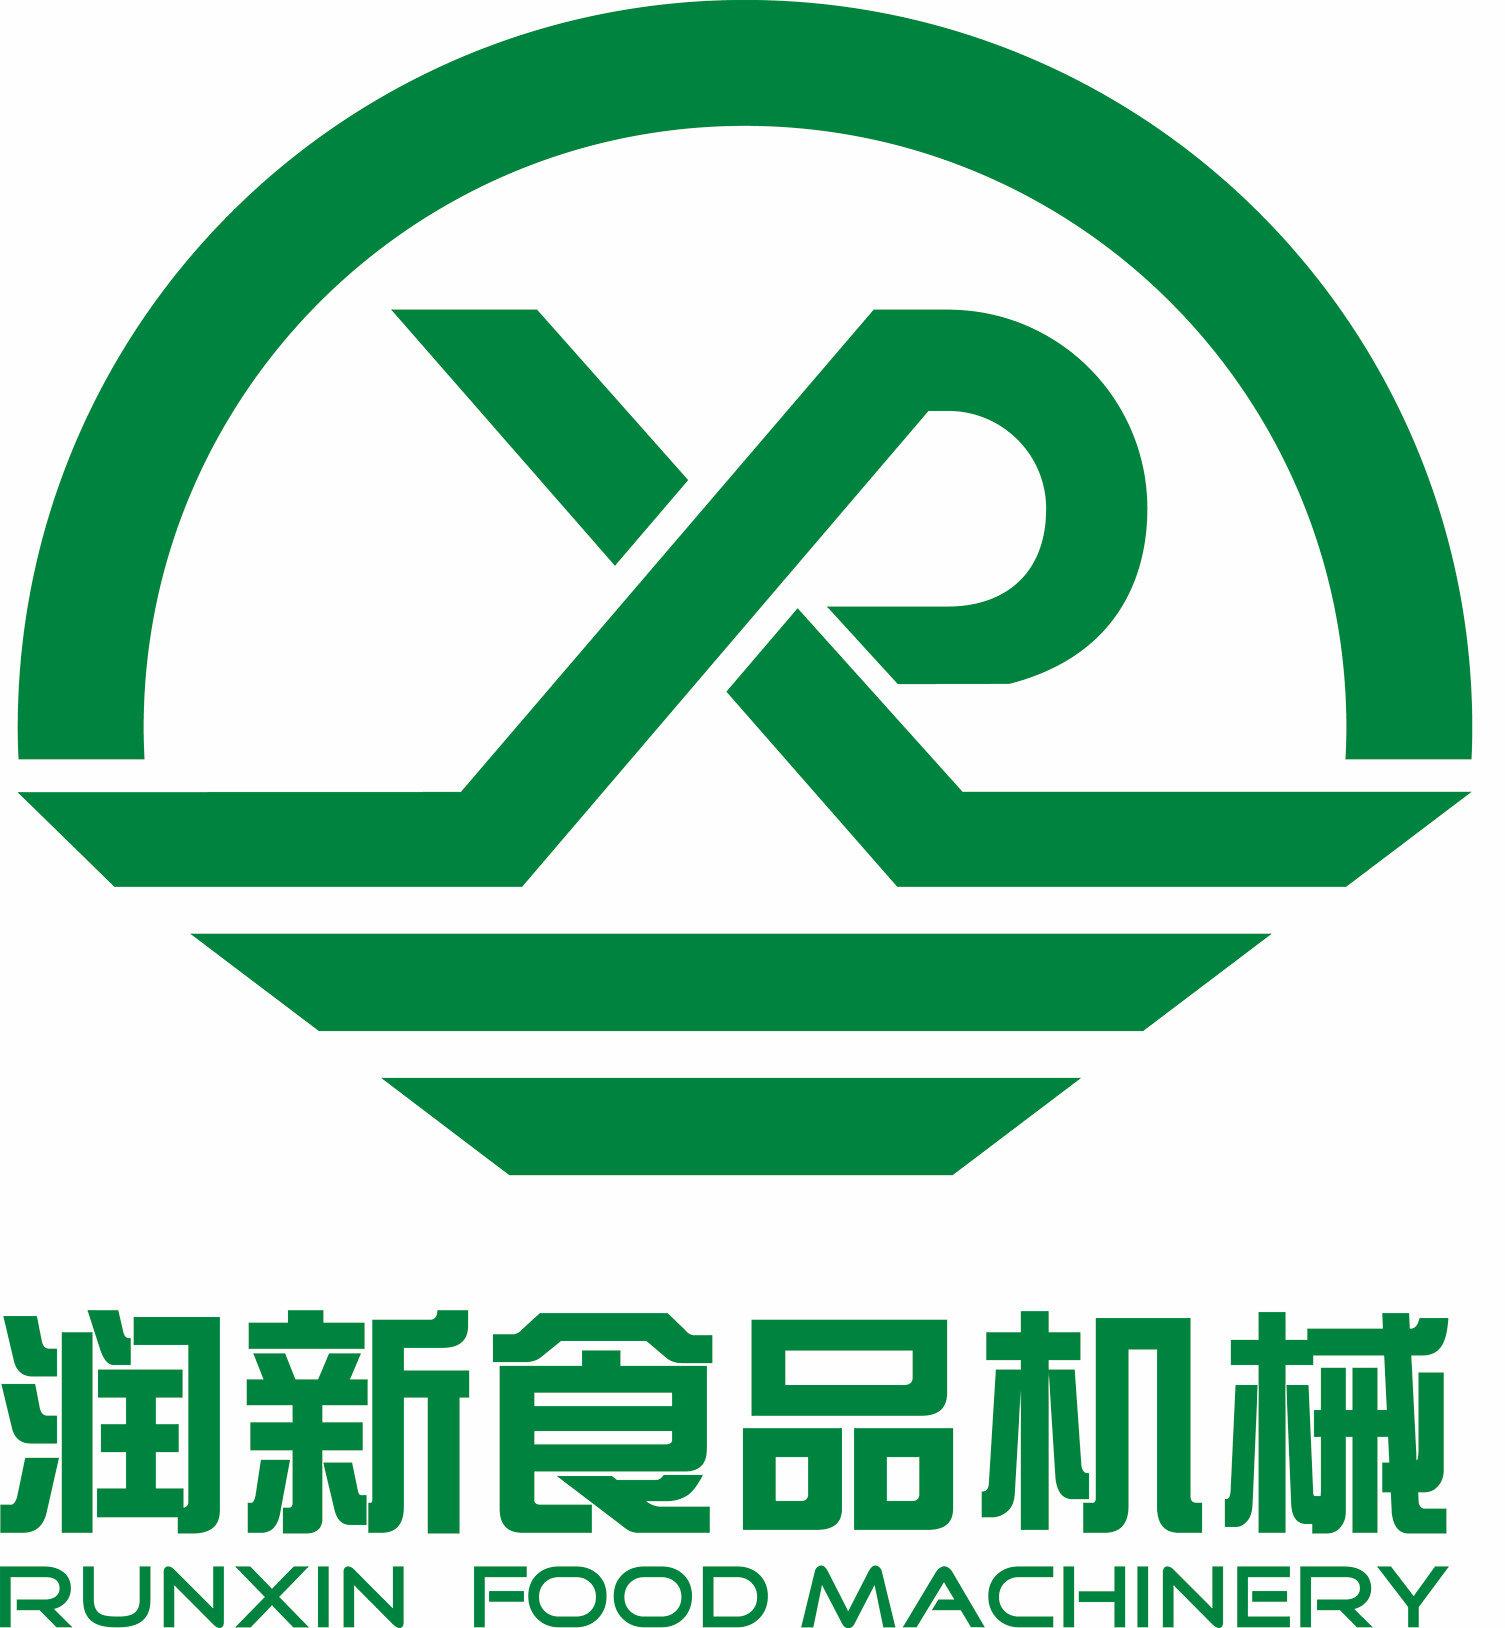 靖江润新食品机械制造有限公司